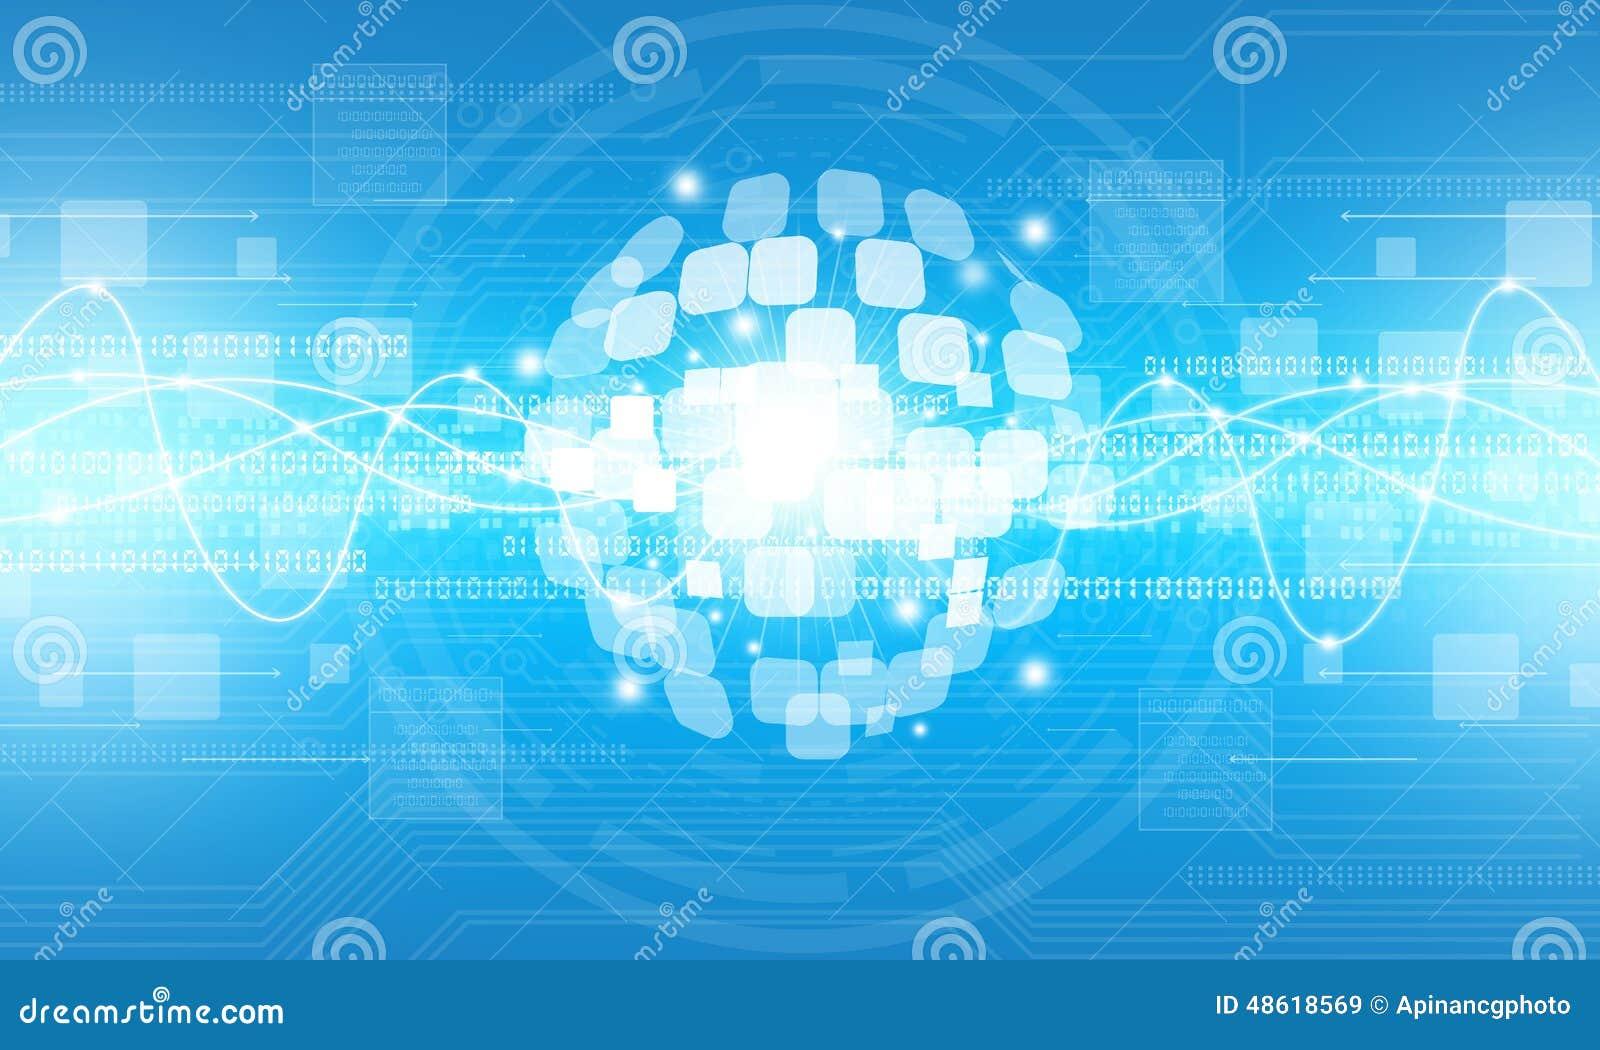 Abstracte digitale de verbindingsachtergrond van de boltechnologie